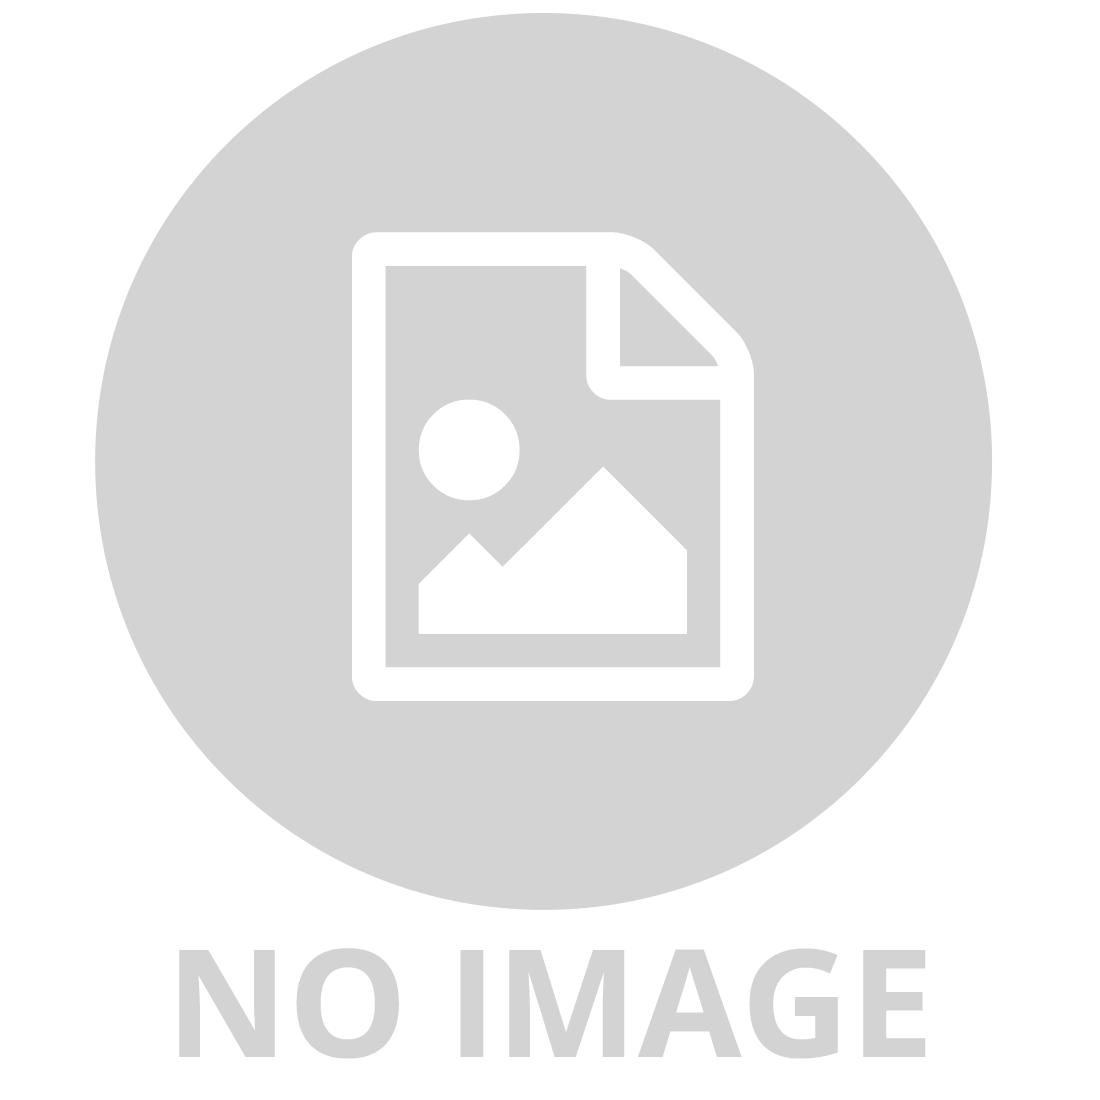 TOP RACER 1:43 SCALE MASERATI RACING SLOT CAR SET